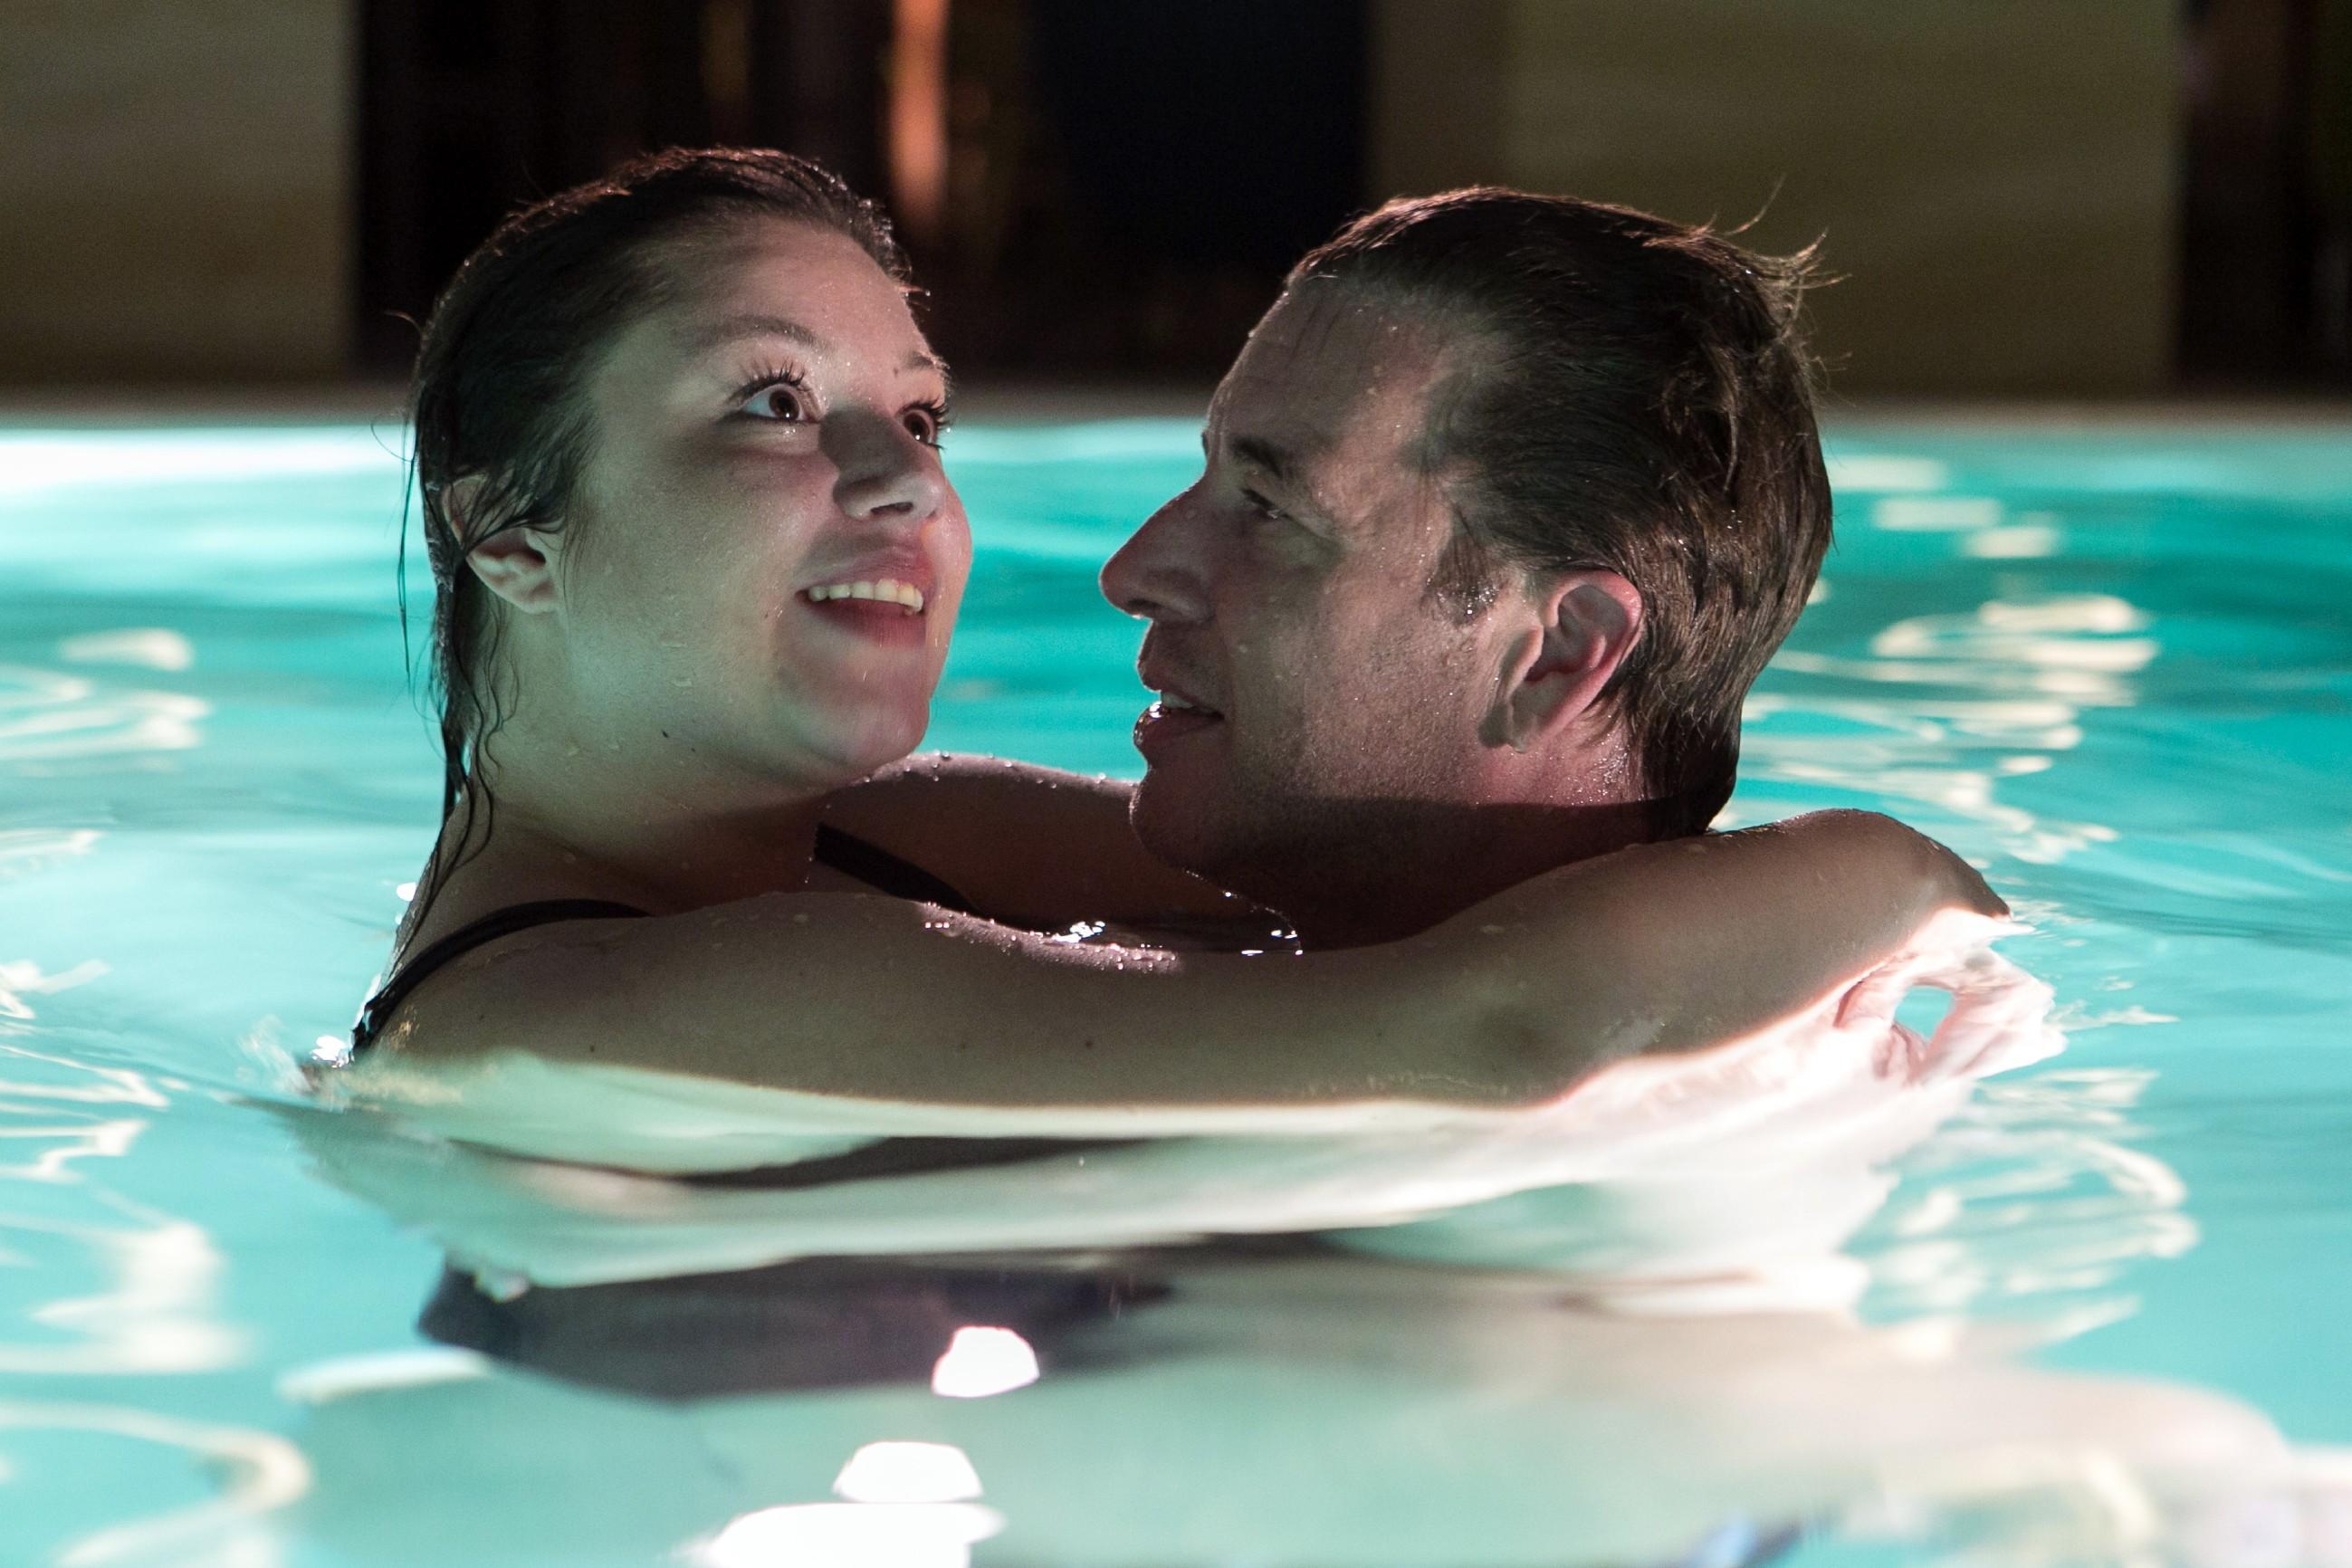 Vanessa (Julia Augustin) versucht Christoph (Lars Korten) mit einem nächtlichen Besuch des Pools im Steinkamp-Zentrums auf andere Gedanken zu bringen.